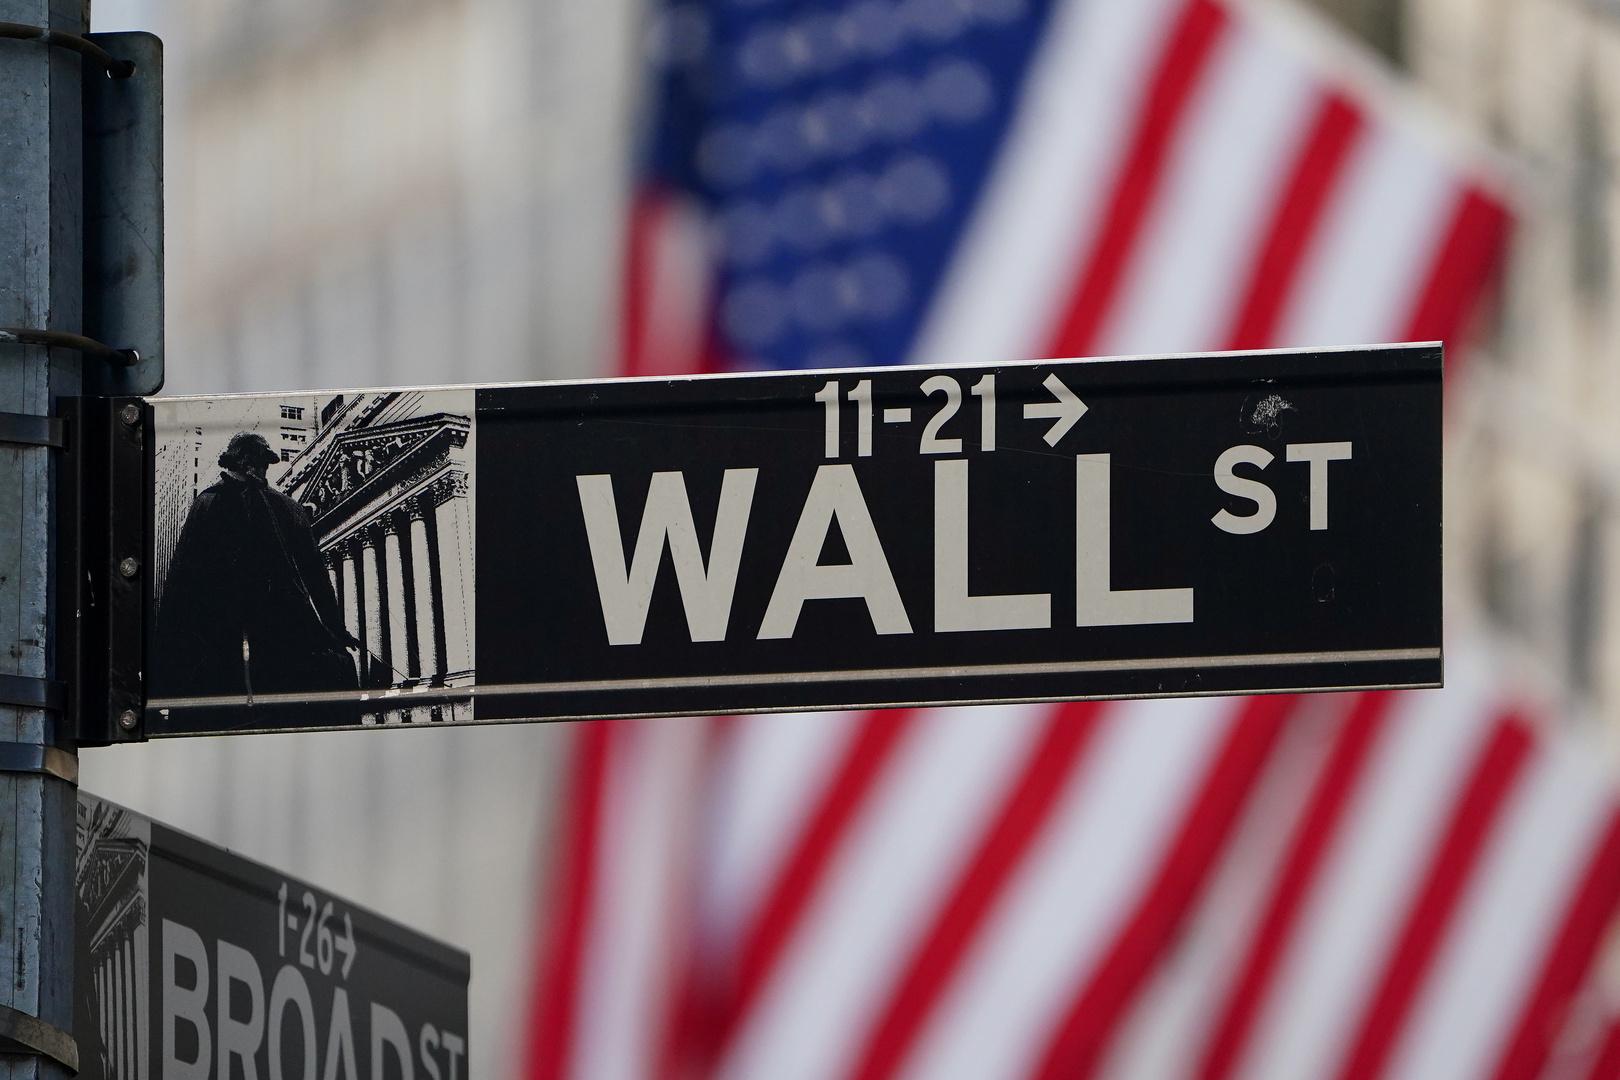 بورصة وول ستريت تغلق مرتفعة بدعم من تعافي أسهم التكنولوجيا ومكاسب تسلا